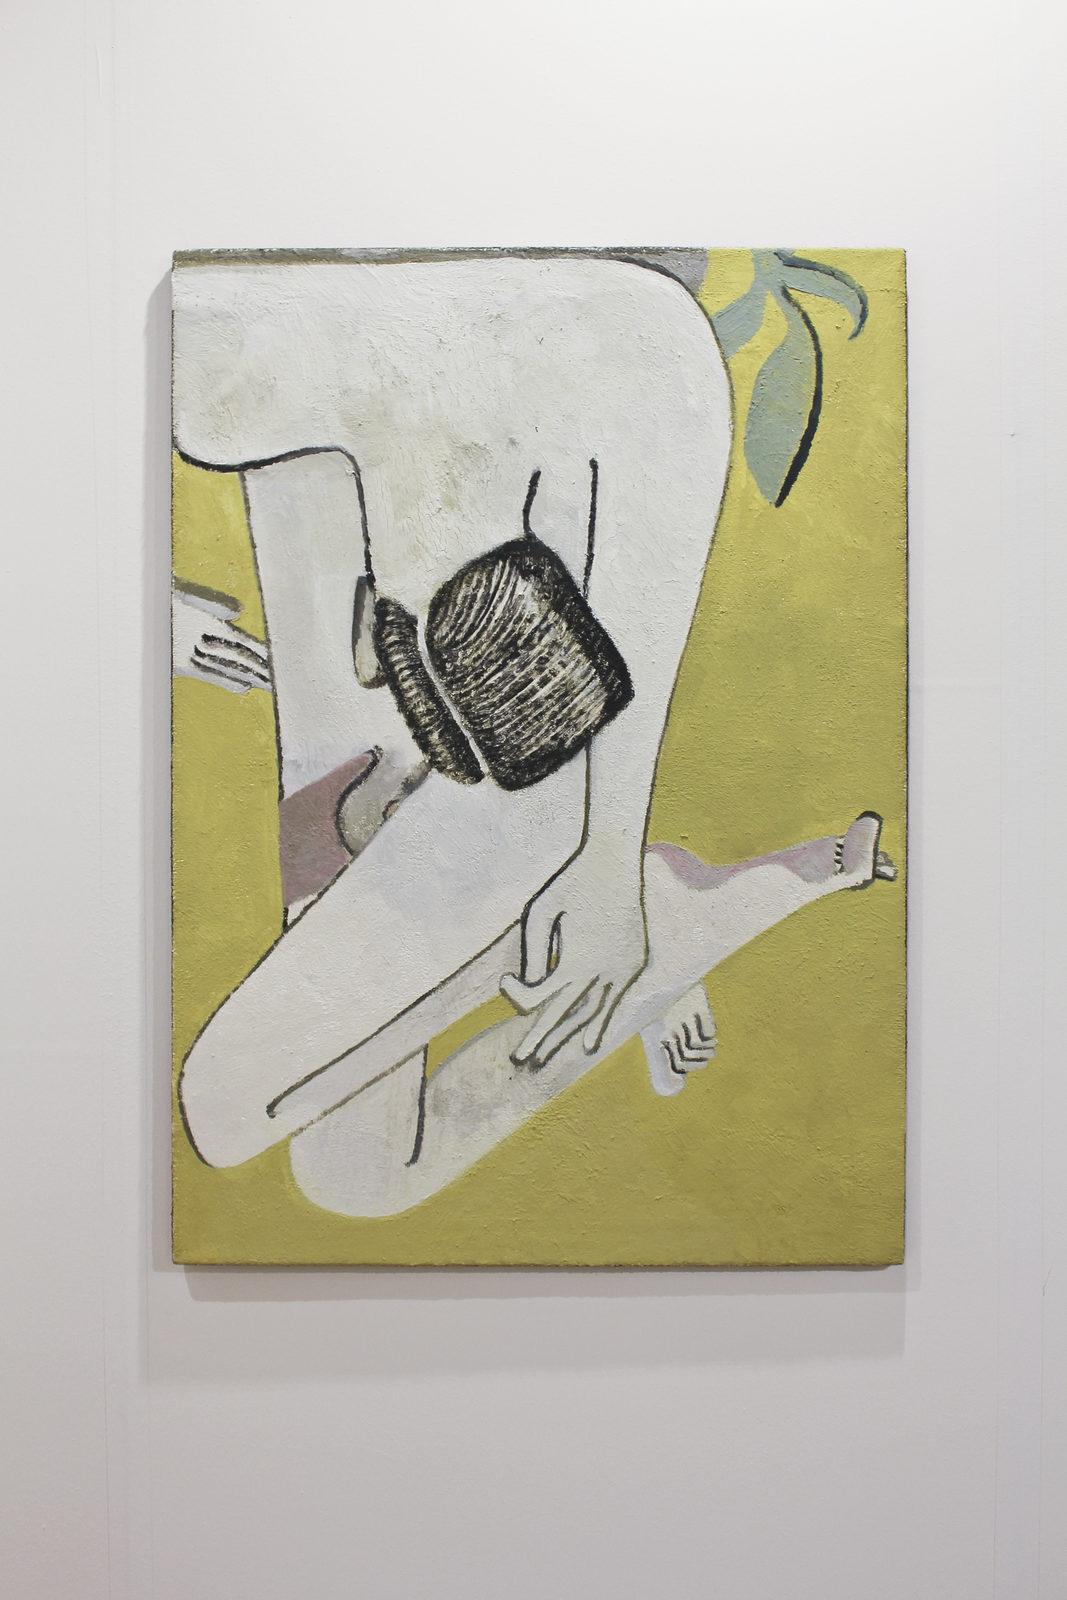 Lenz Geerk at Gerhard Hofland, Amsterdam 01